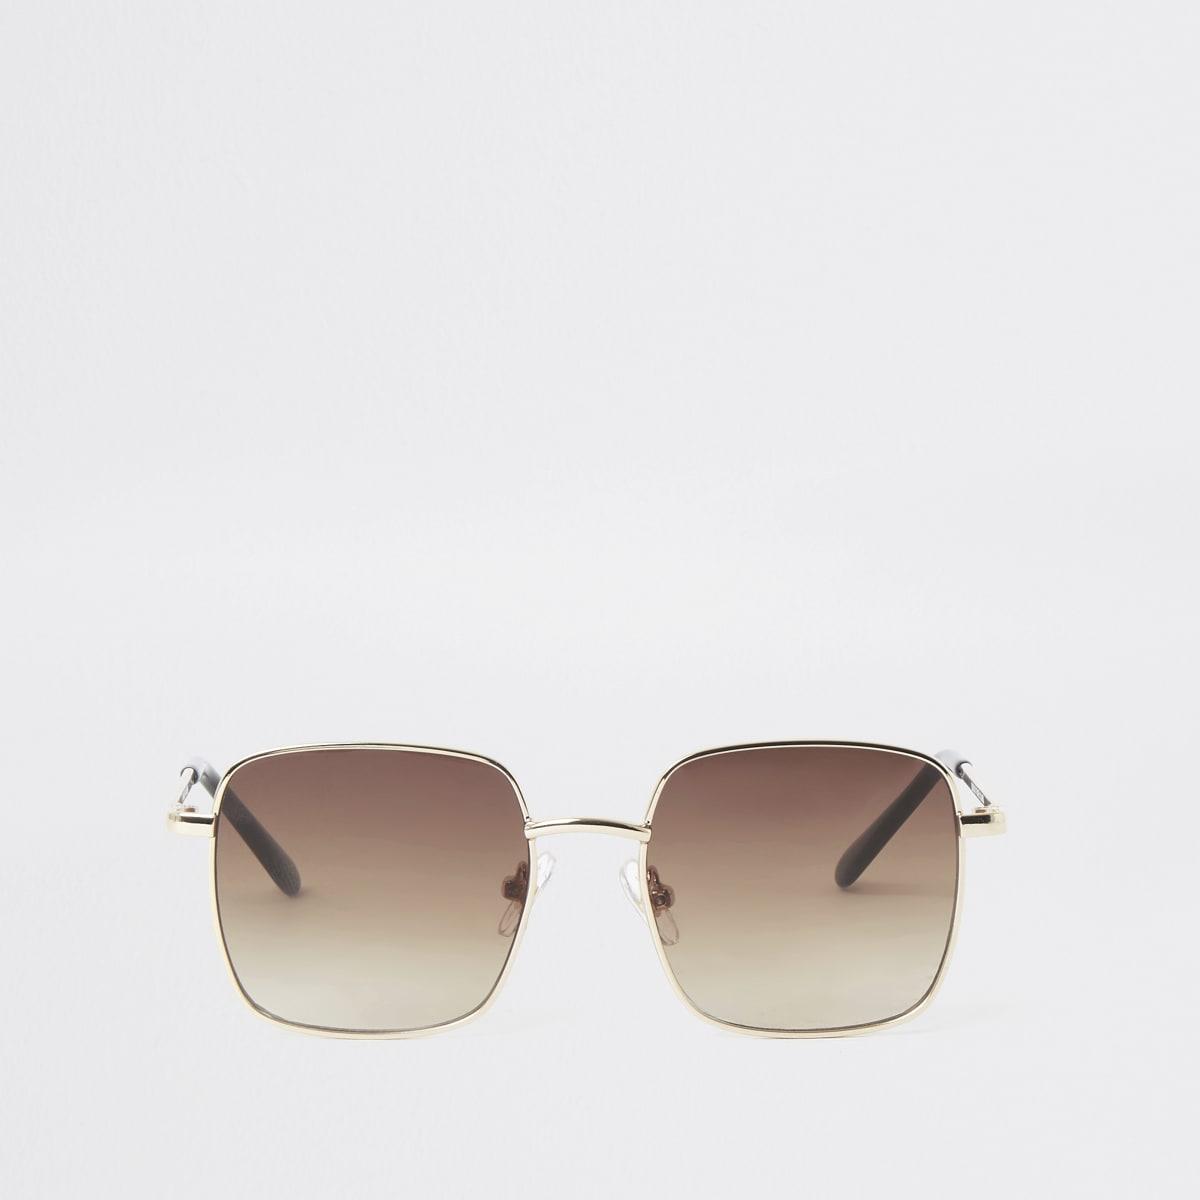 Goldfarbene Sonnenbrille mit getönten Gläsern